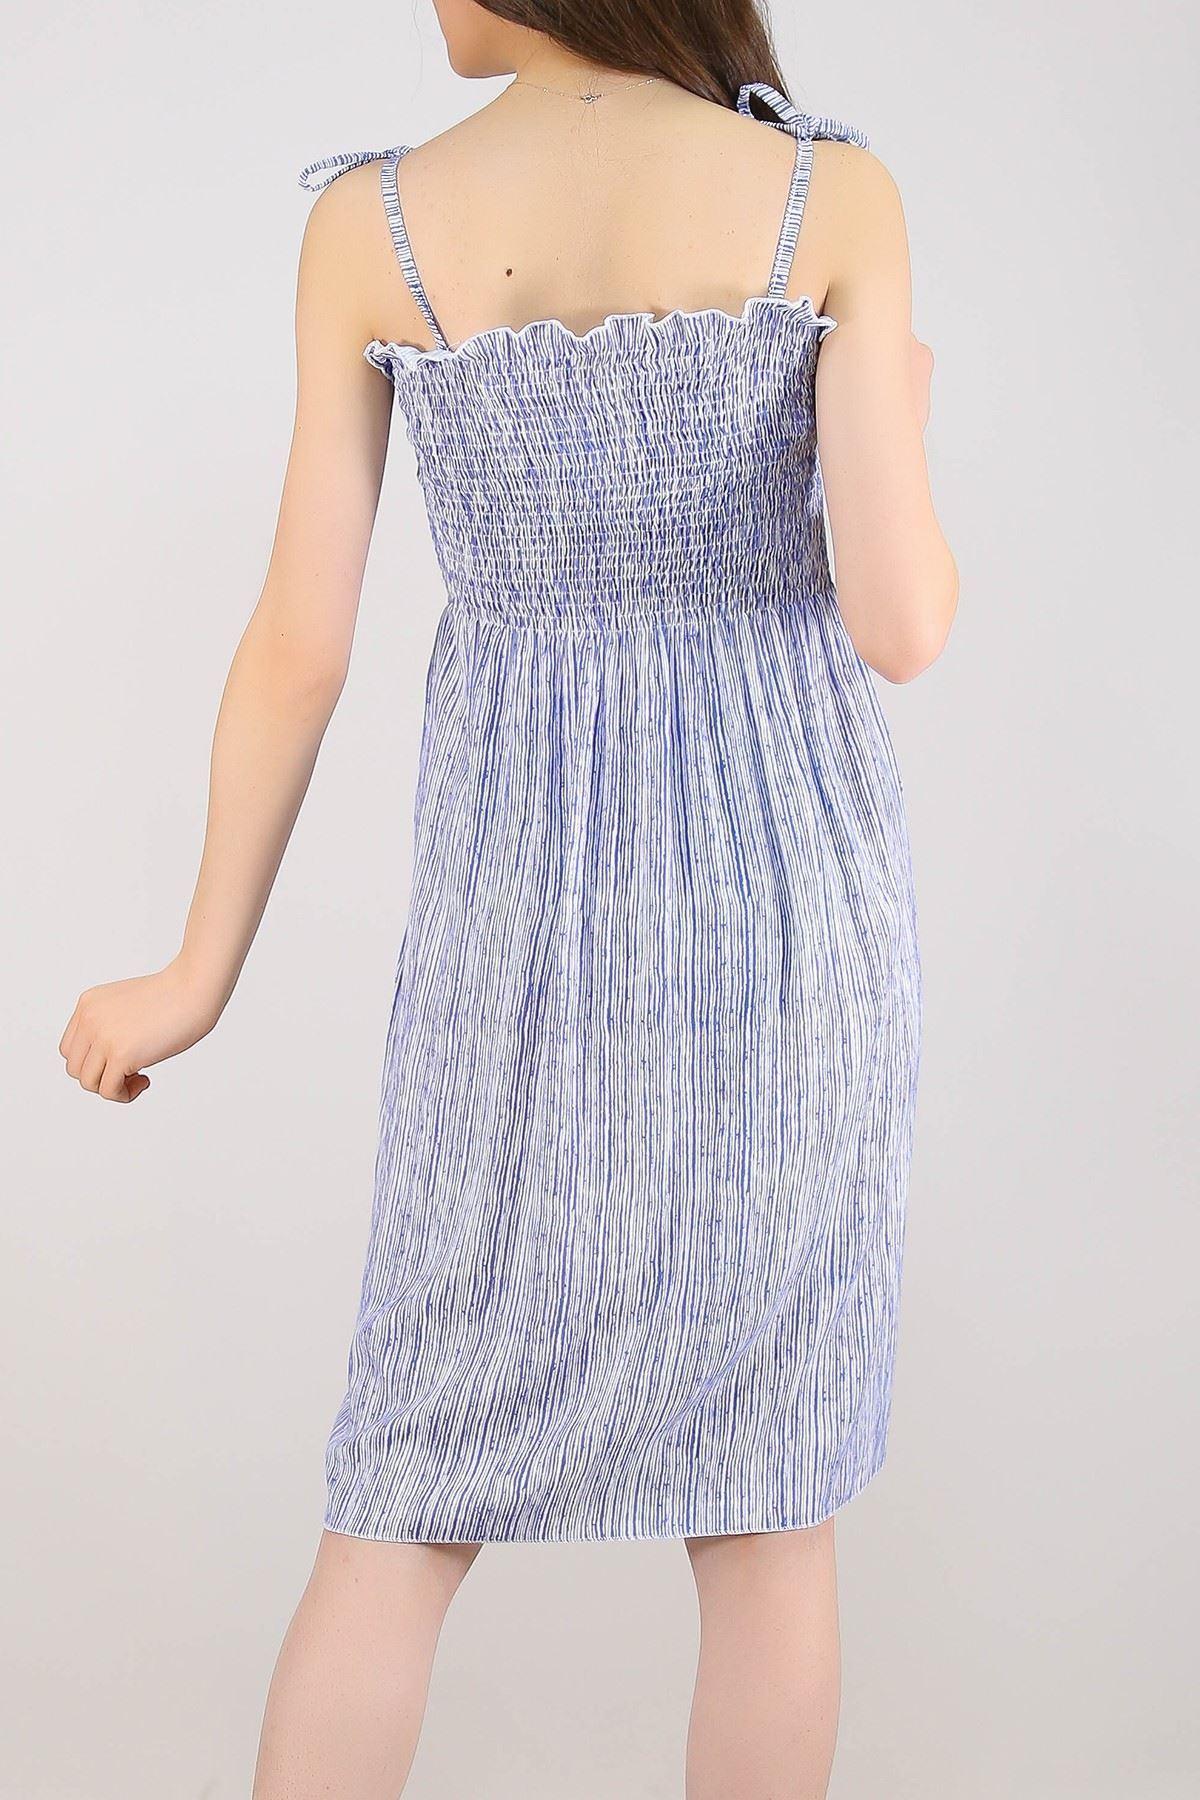 İp Askılı Dokuma Elbise Maviçizgili - 5285.1350.